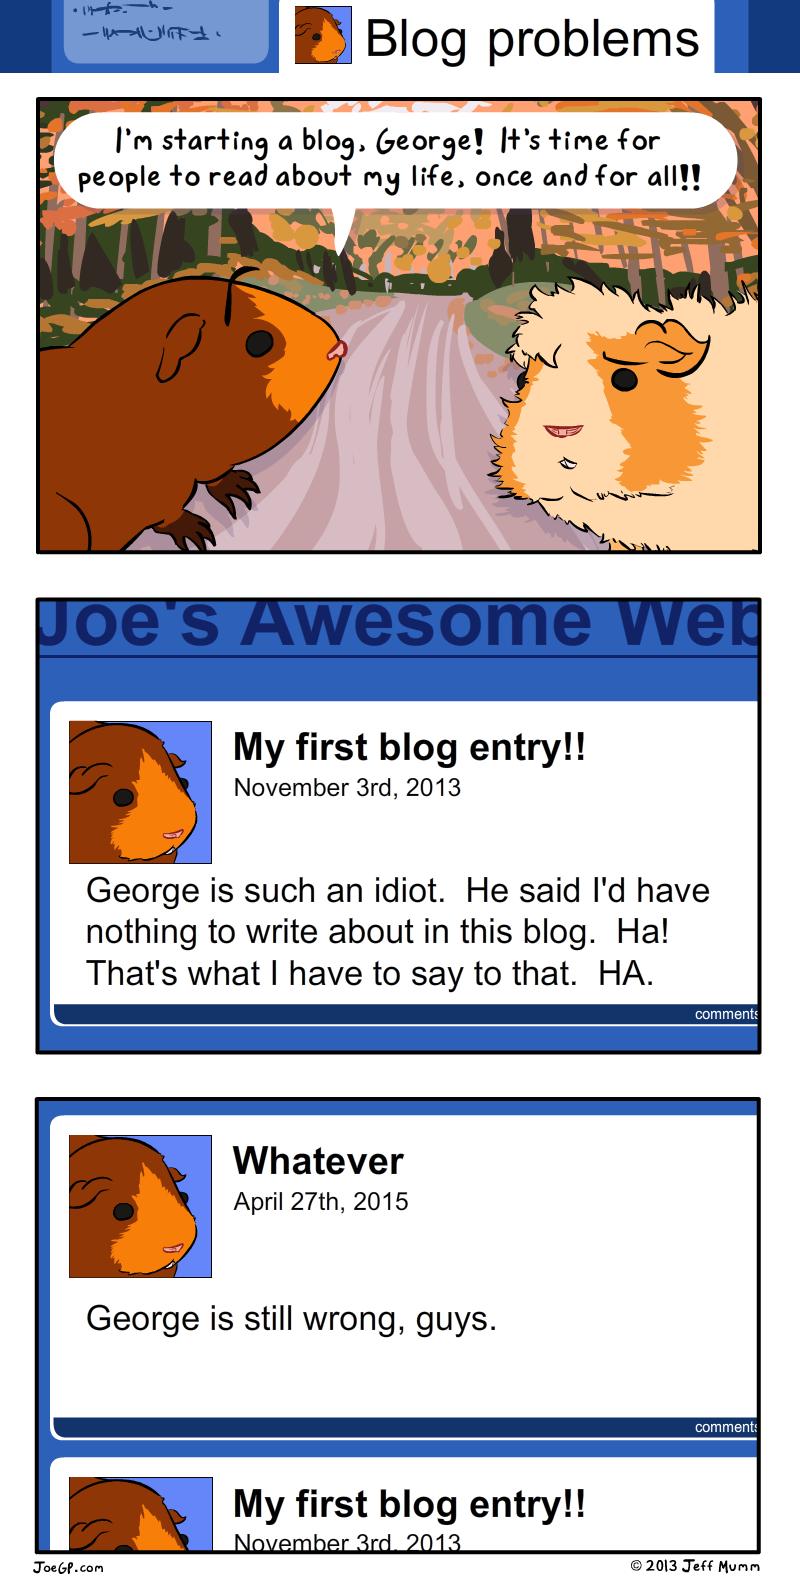 Blog Problems by JoeGPcom